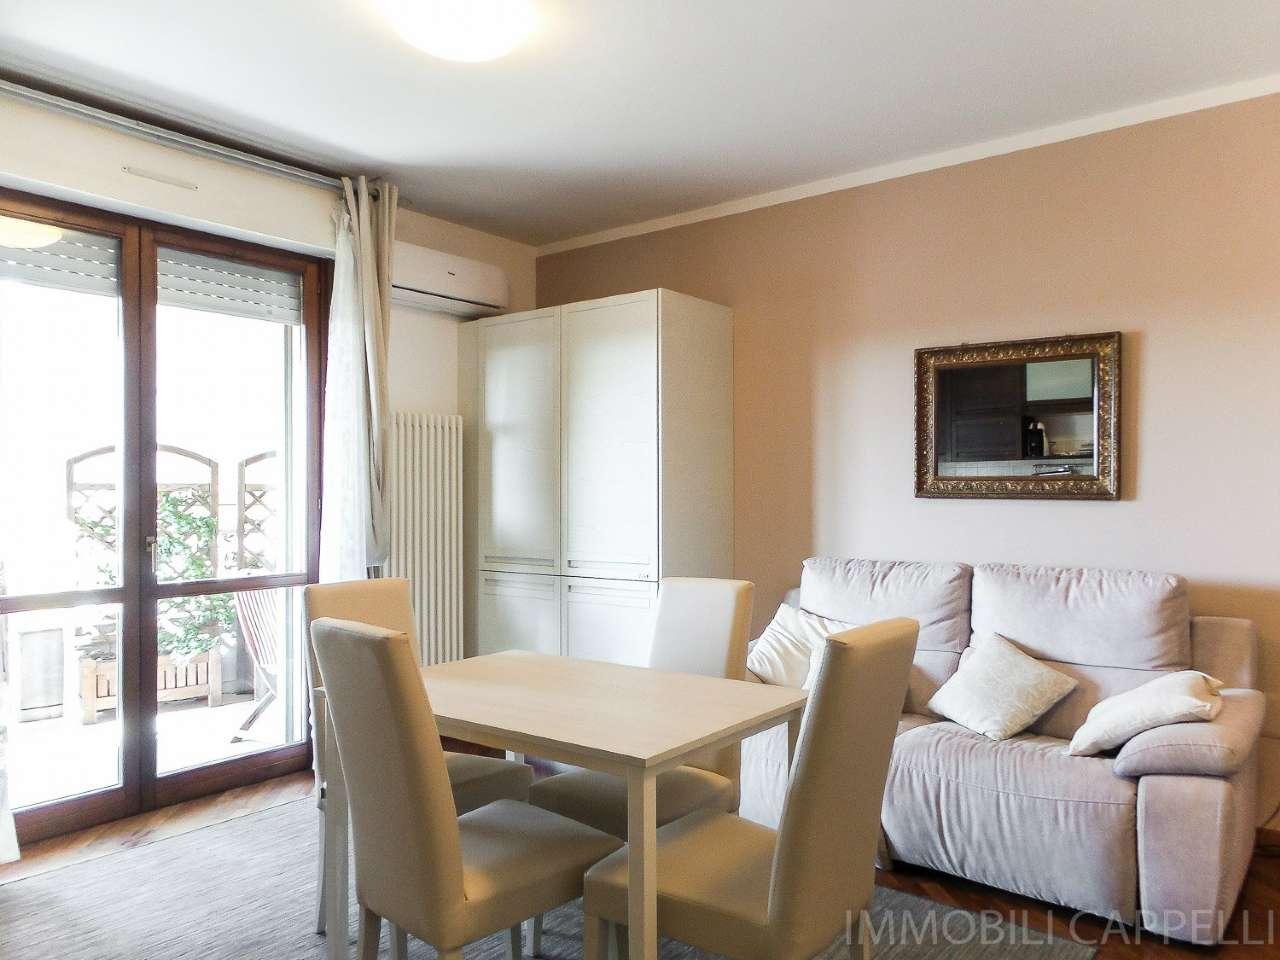 Appartamento in vendita a Cesena, 3 locali, prezzo € 179.000 | CambioCasa.it